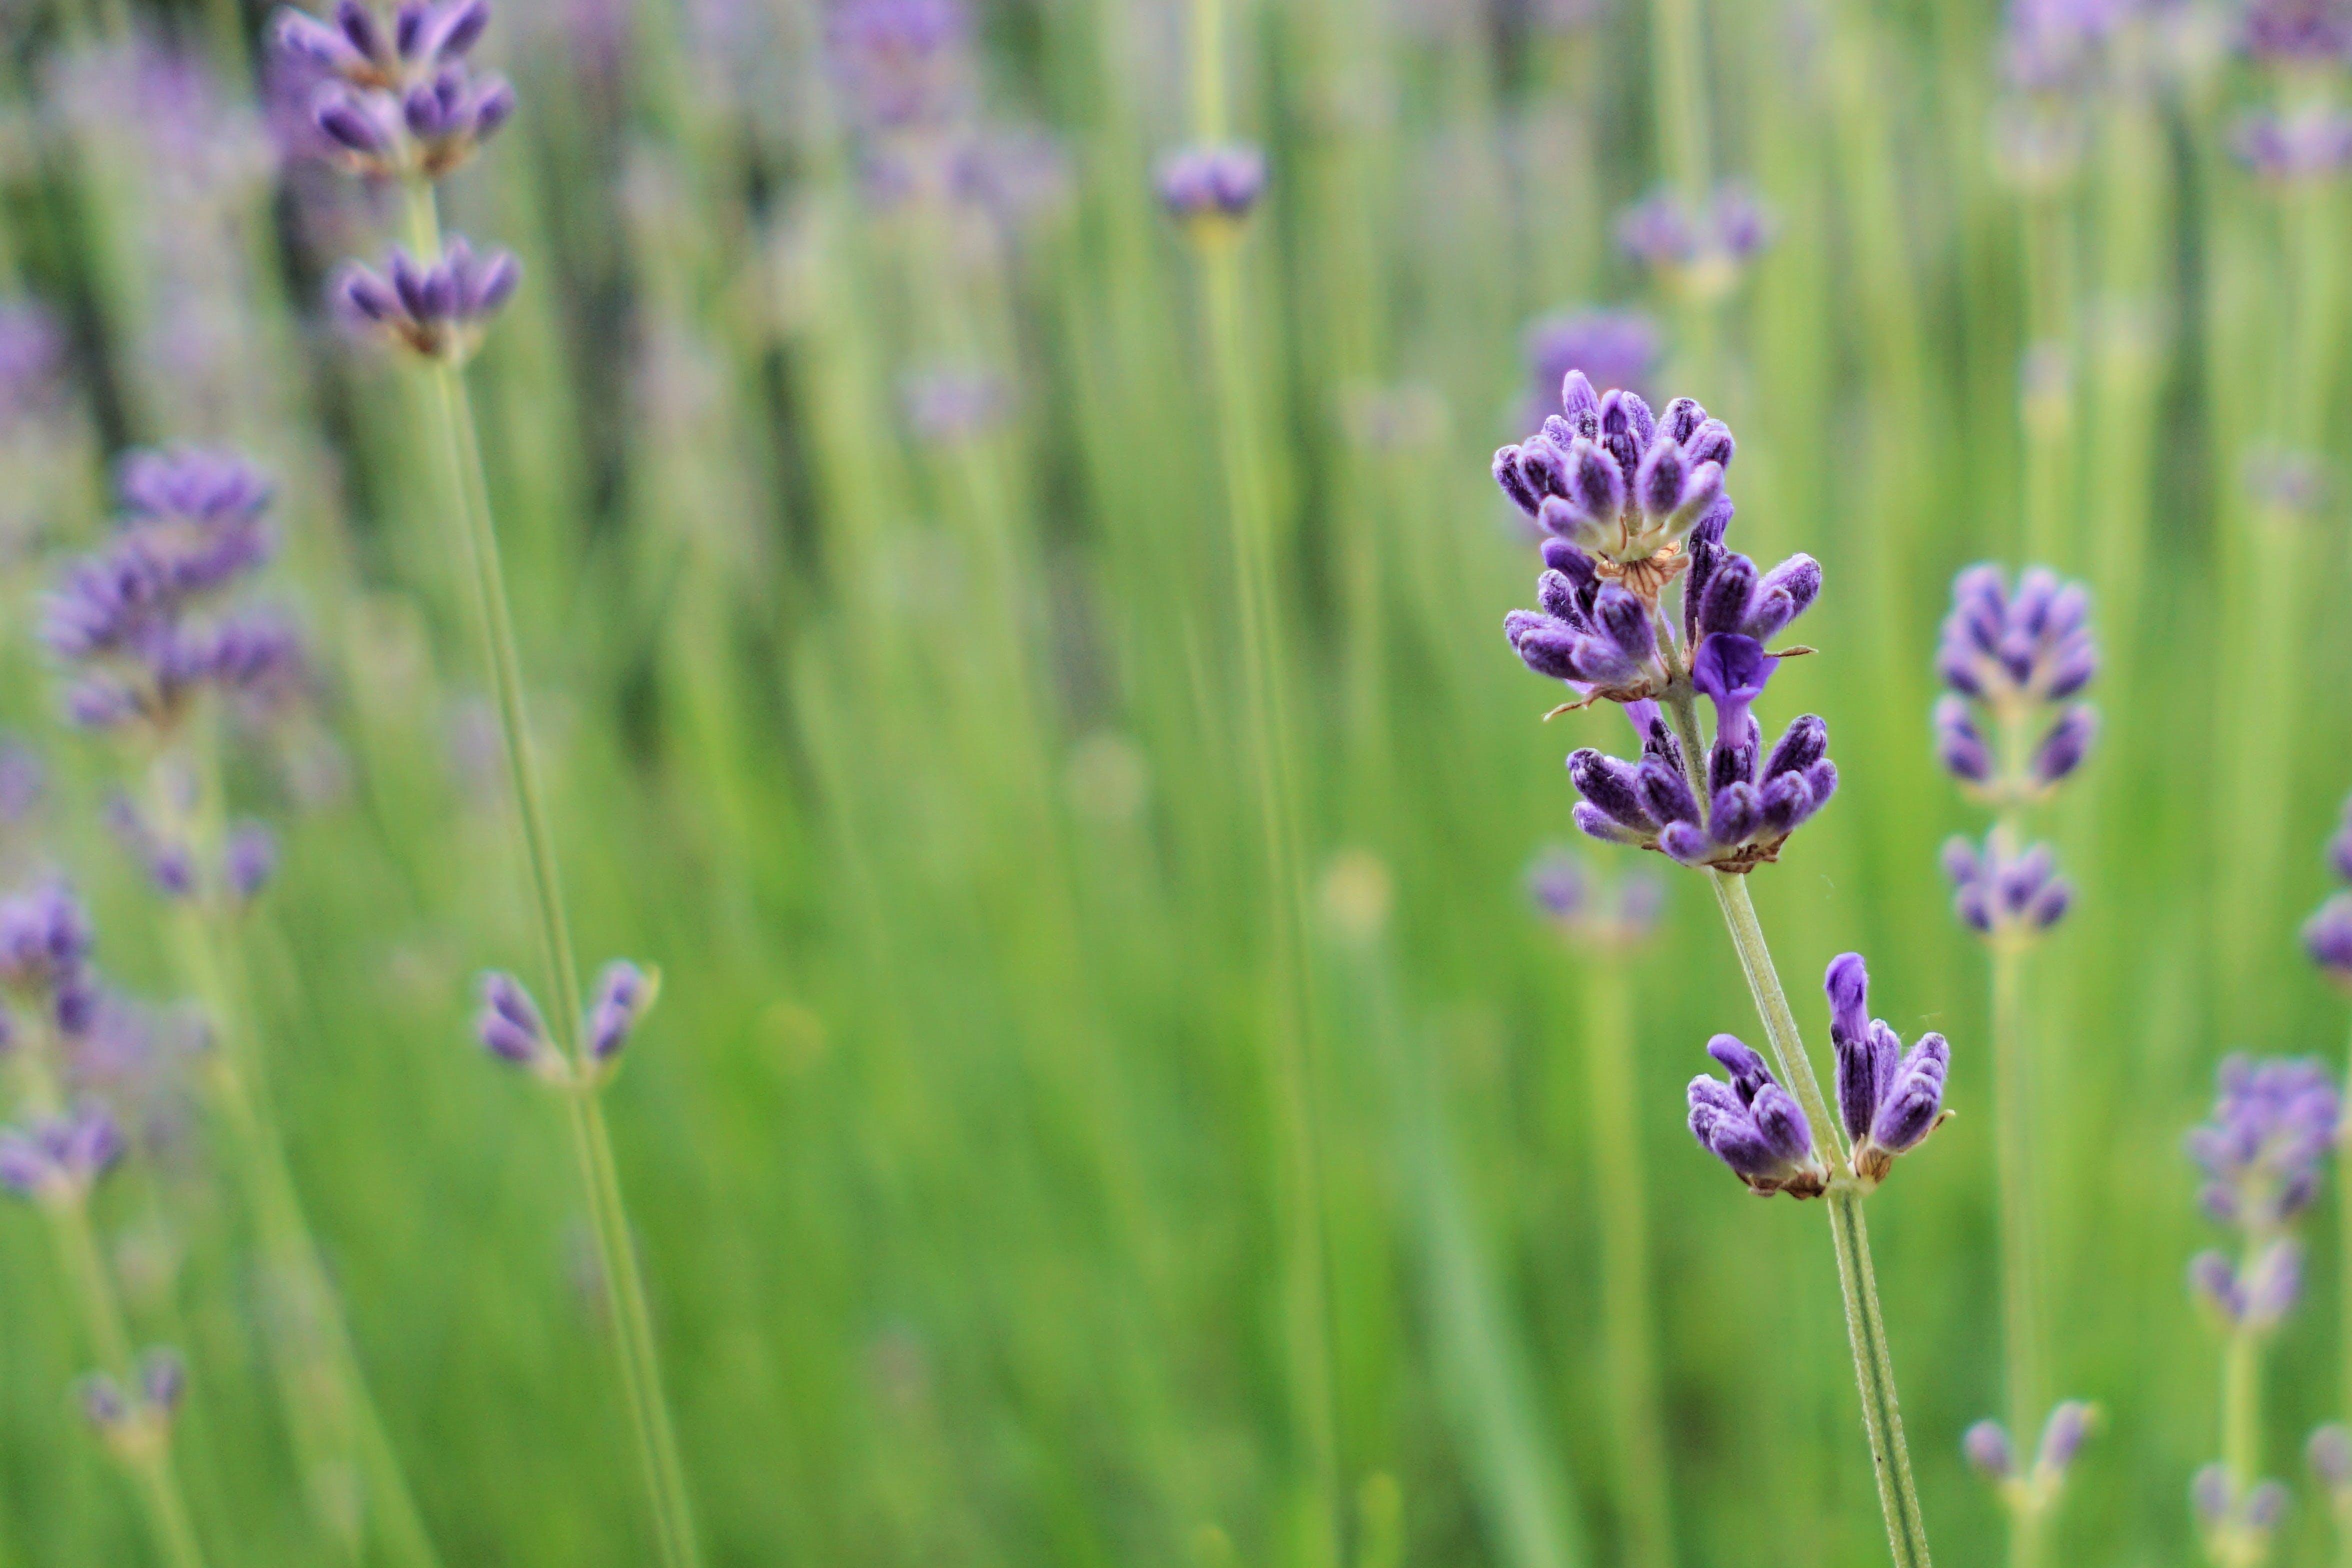 Kostenloses Stock Foto zu aromatherapie, aromatisch, außerorts, blühen